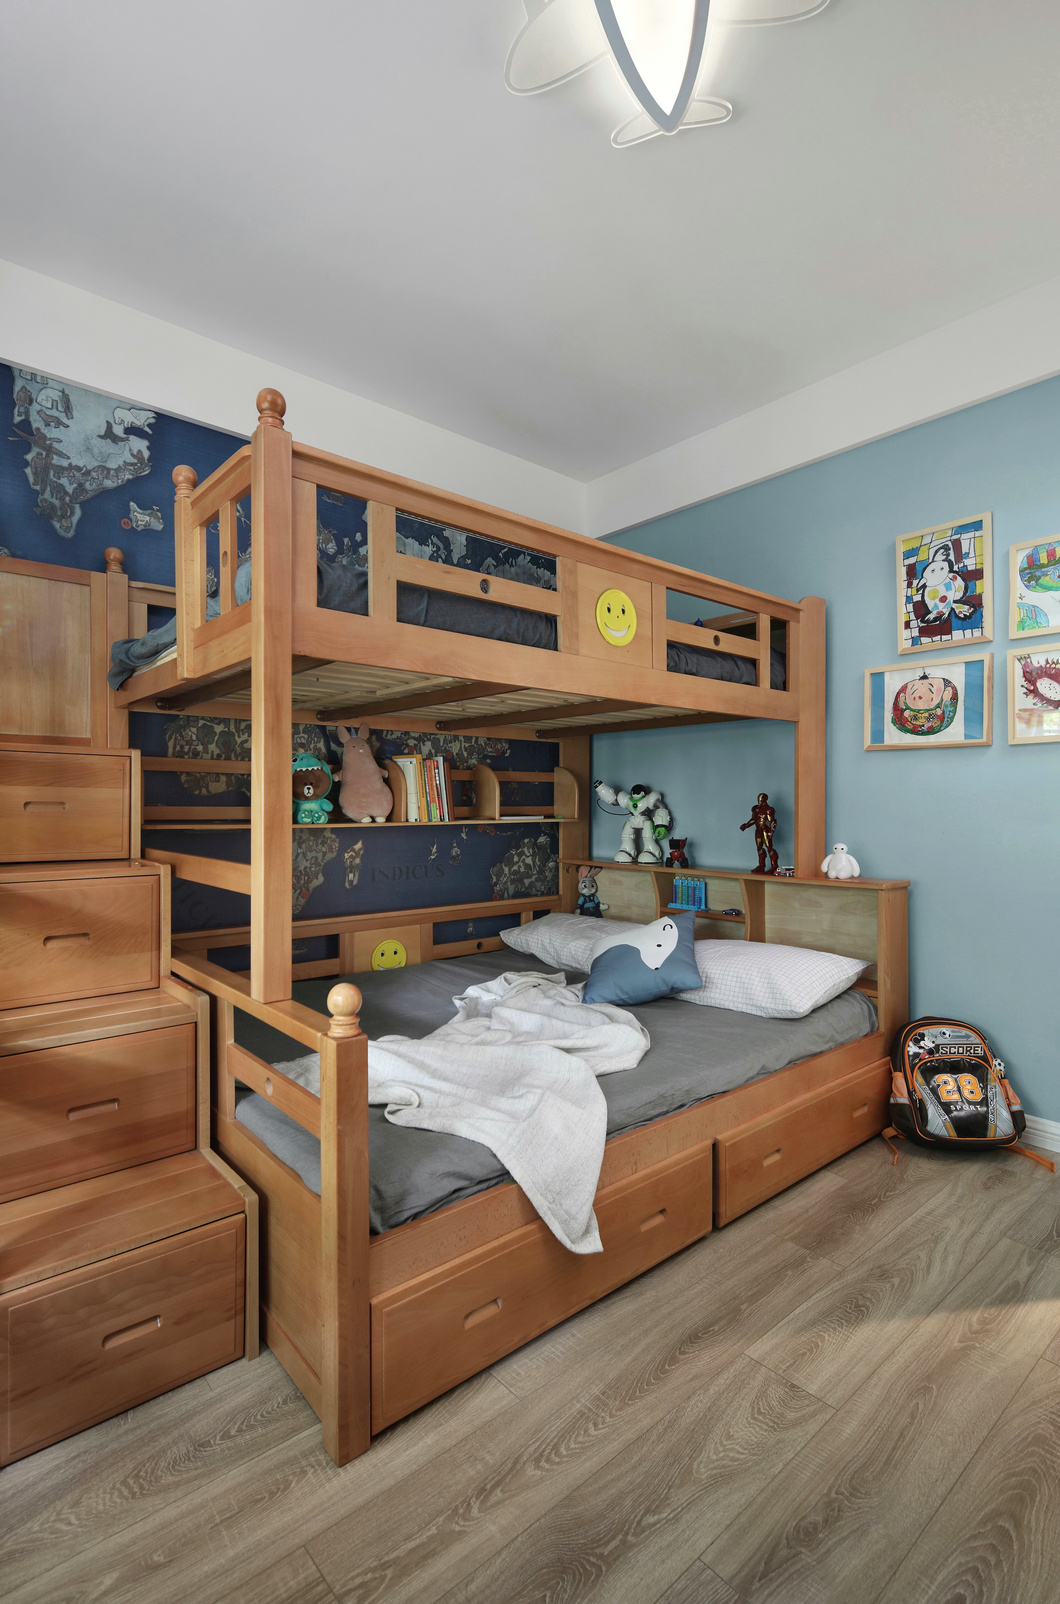 实木上下床提升了空间质感,背景墙采用蓝色设计,让童趣感更显强烈。